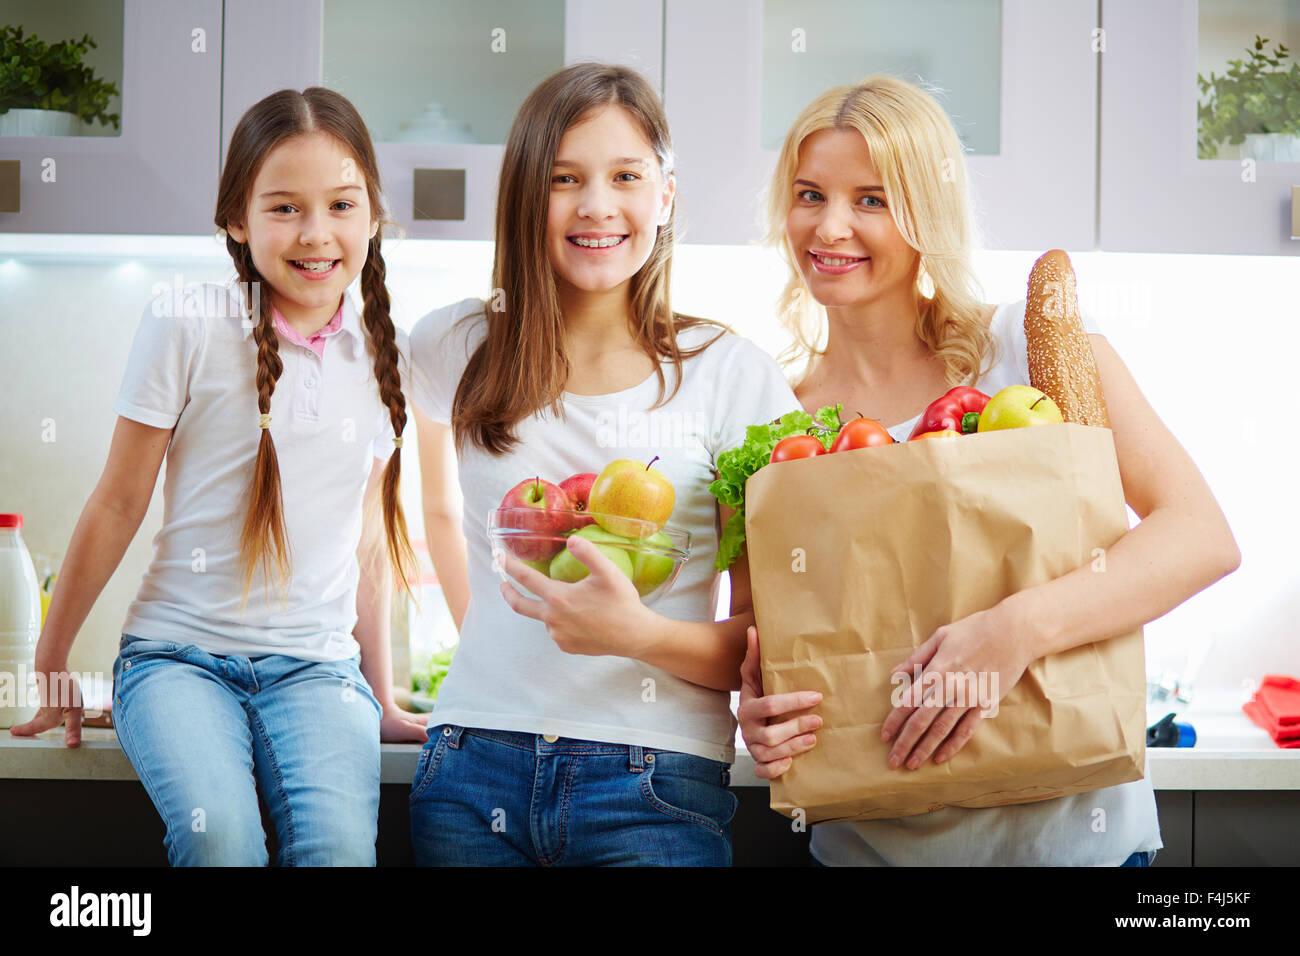 Mujer joven y dos chicas adolescentes mirando a la cámara en la cocina Imagen De Stock